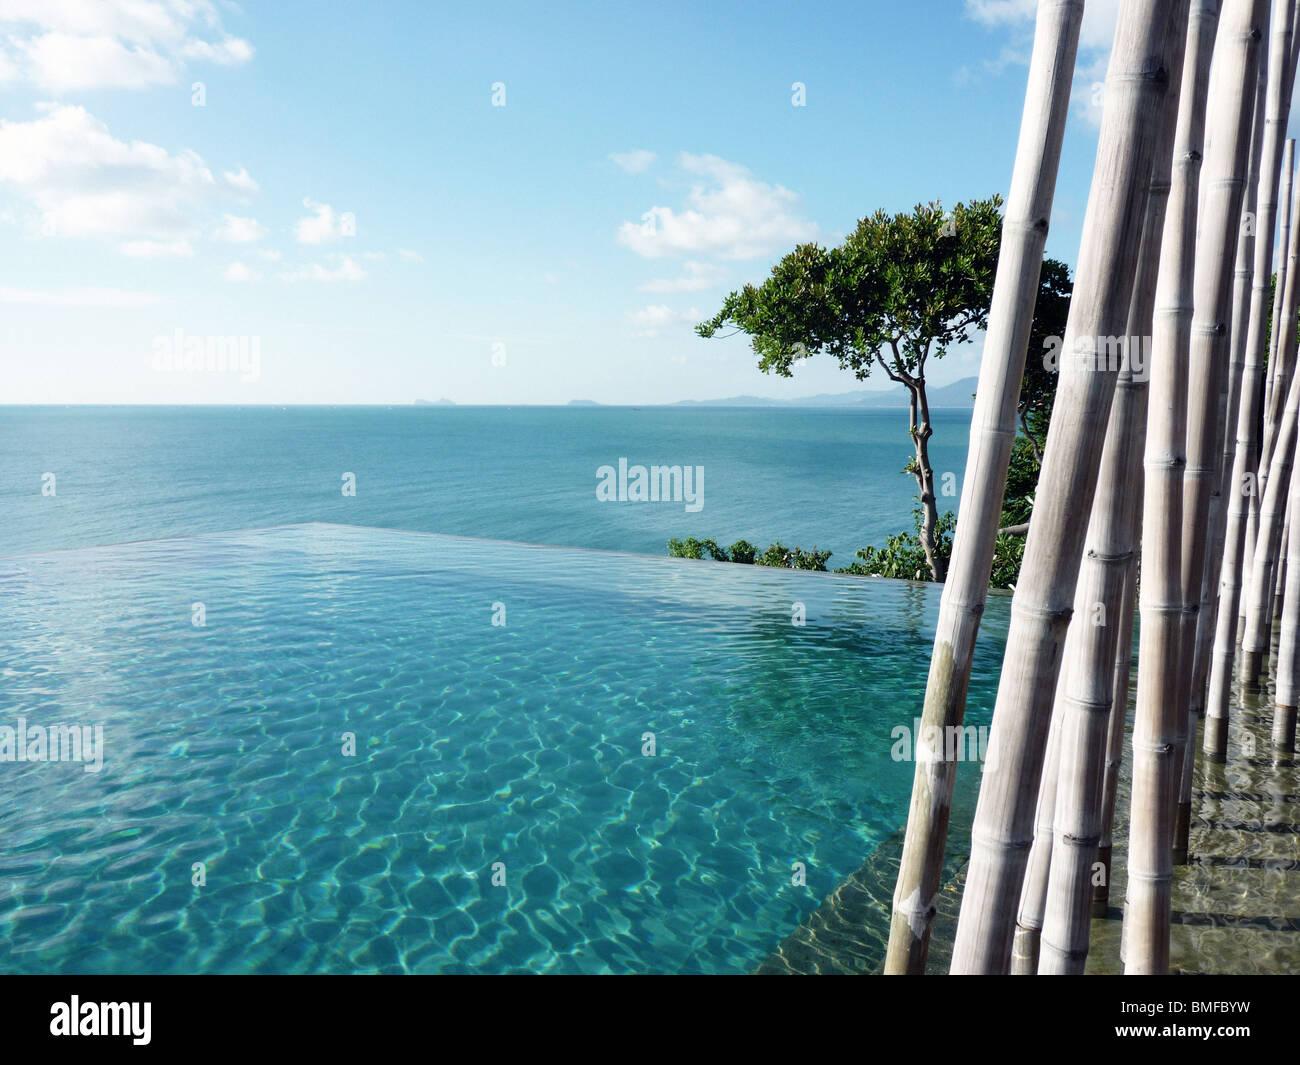 The pool at the Six Senses, Koh Samui Stock Photo